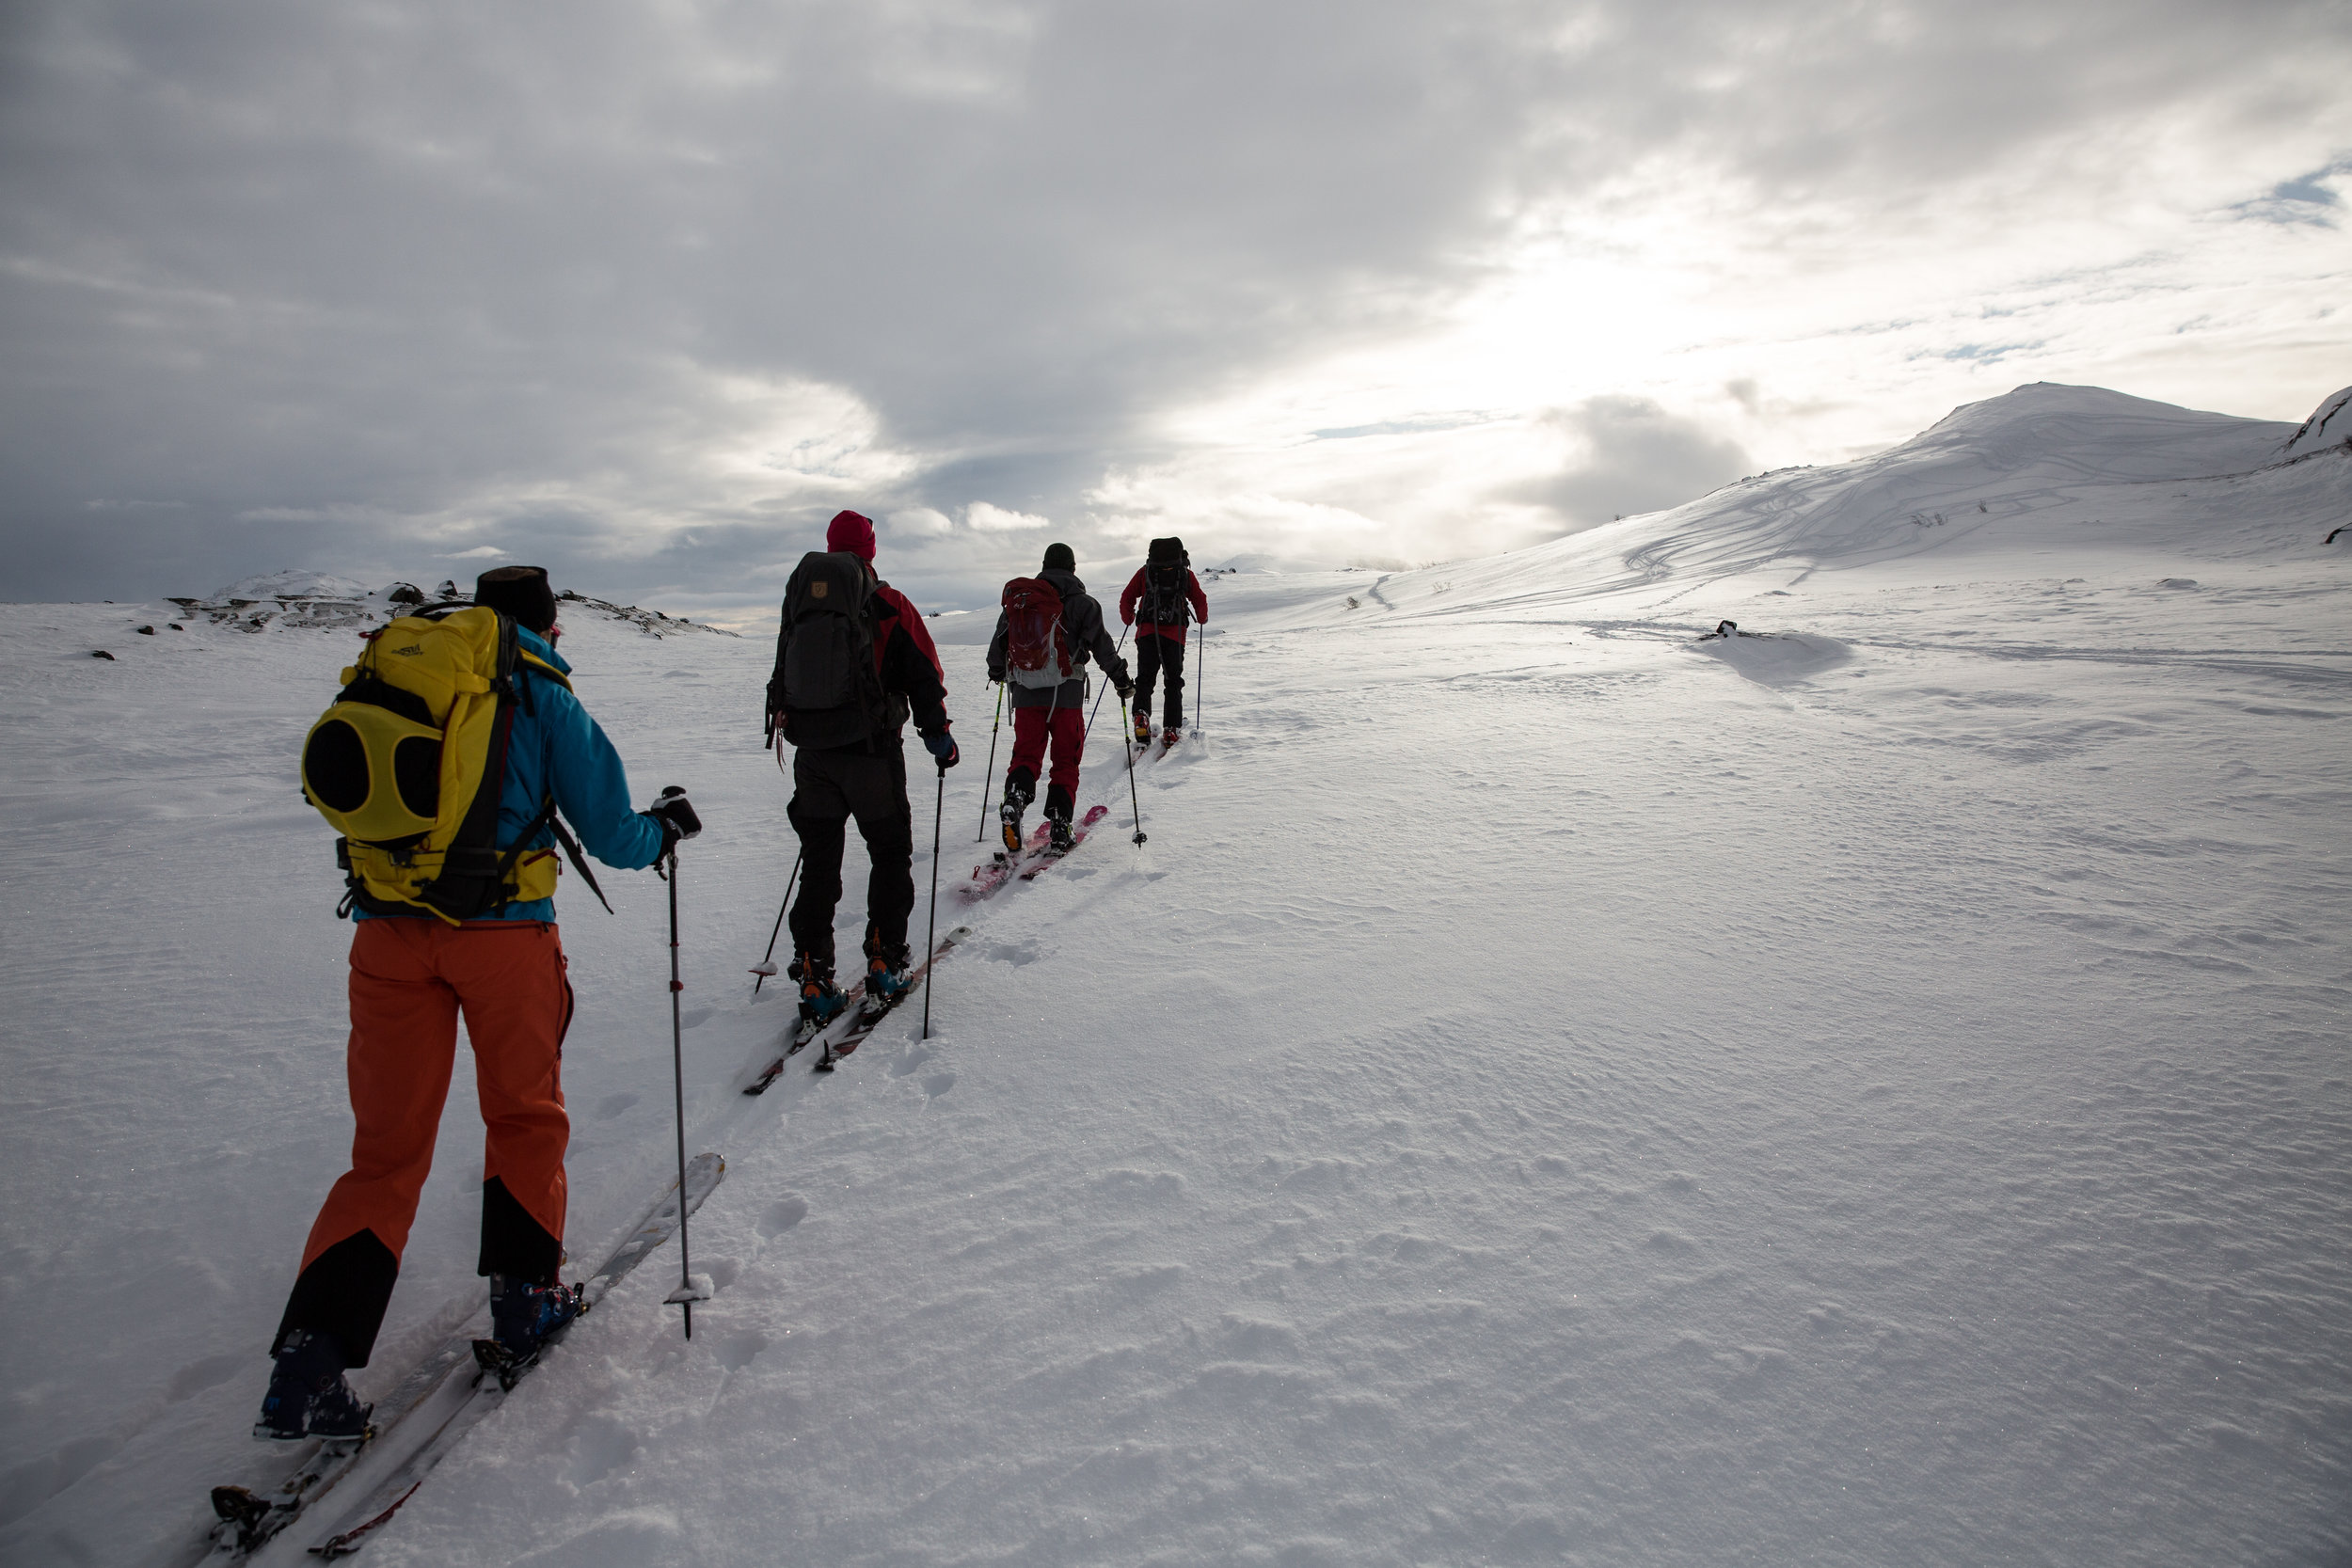 Endeleg er det din tur! Inviter ein venn med på topptur i Jotunheimen. GJENDEGUIDEN byr på triveleg turfølge og låge skuldrer. Ski skal vere GØY!